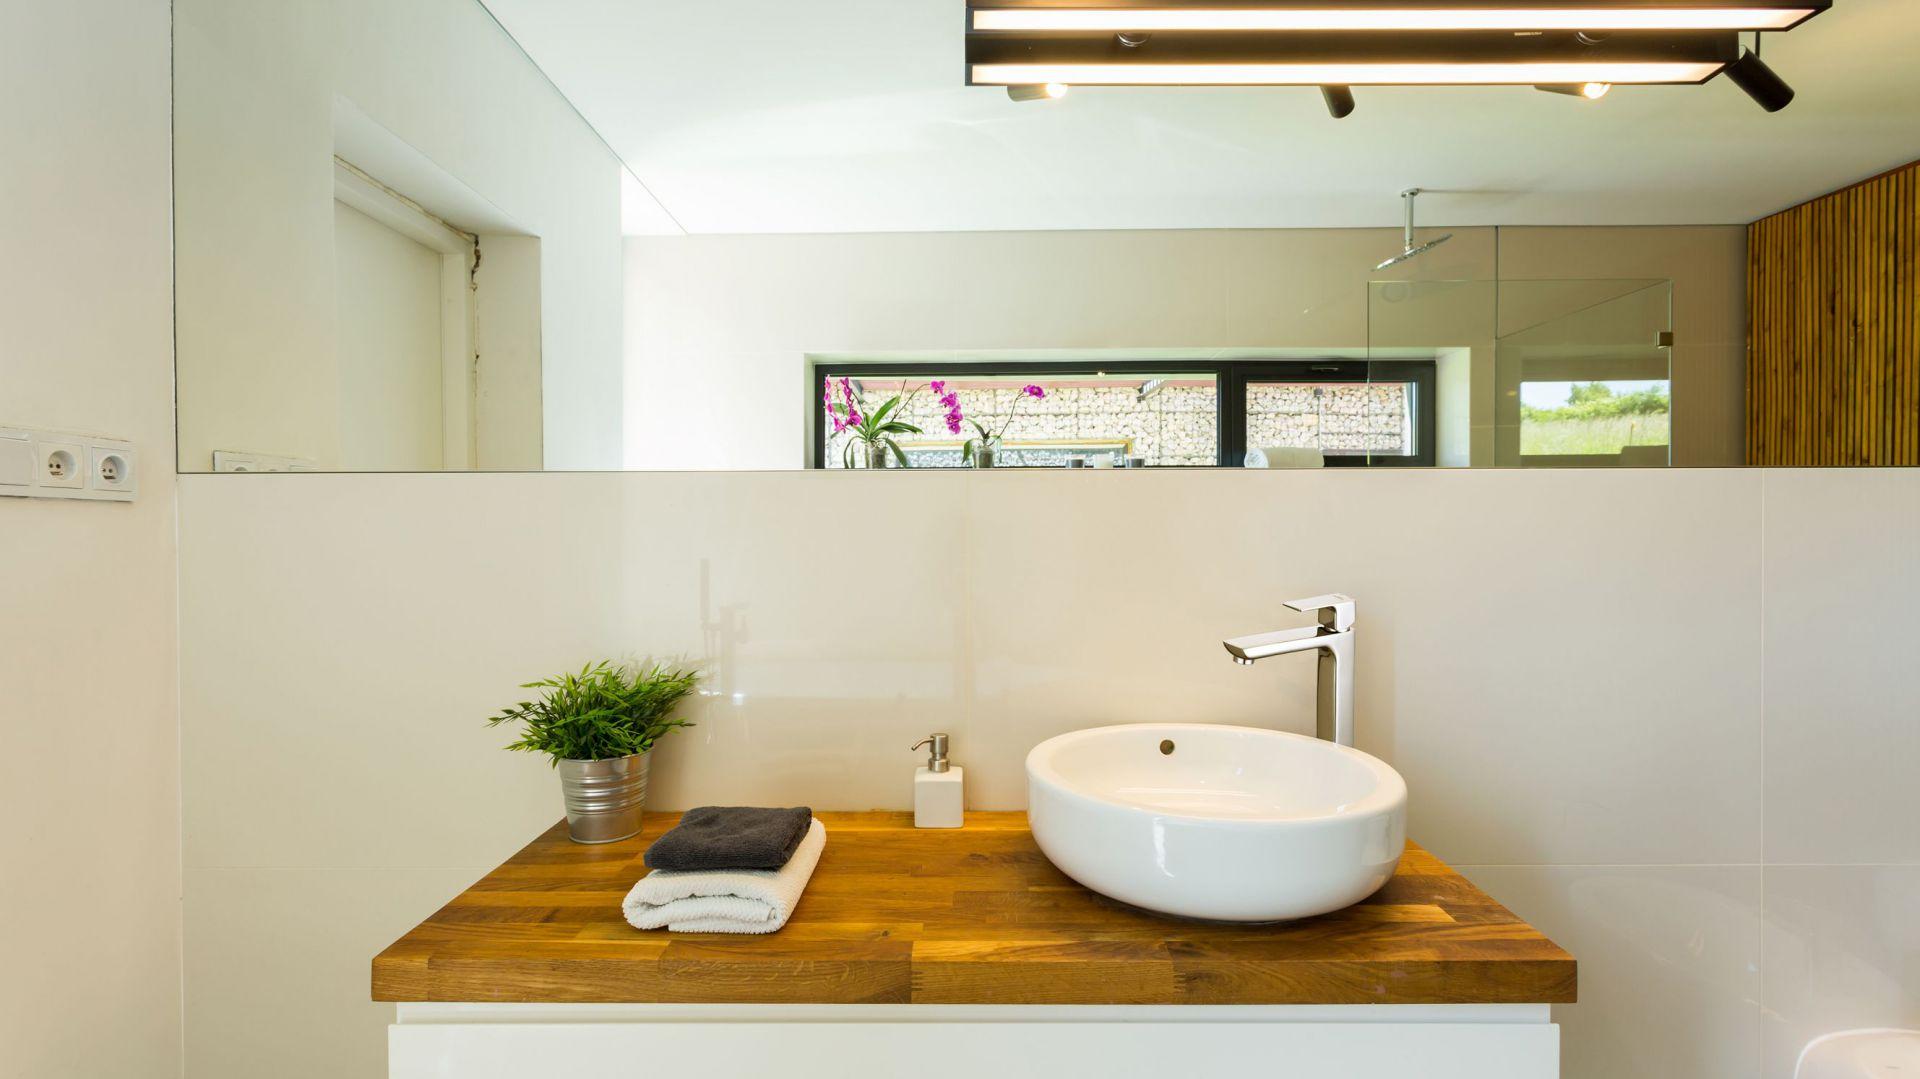 Aranżacja łazienki: stawiamy na minimalizm. Bateria umywalkowa Nyks wysoka. Fot. Invena.